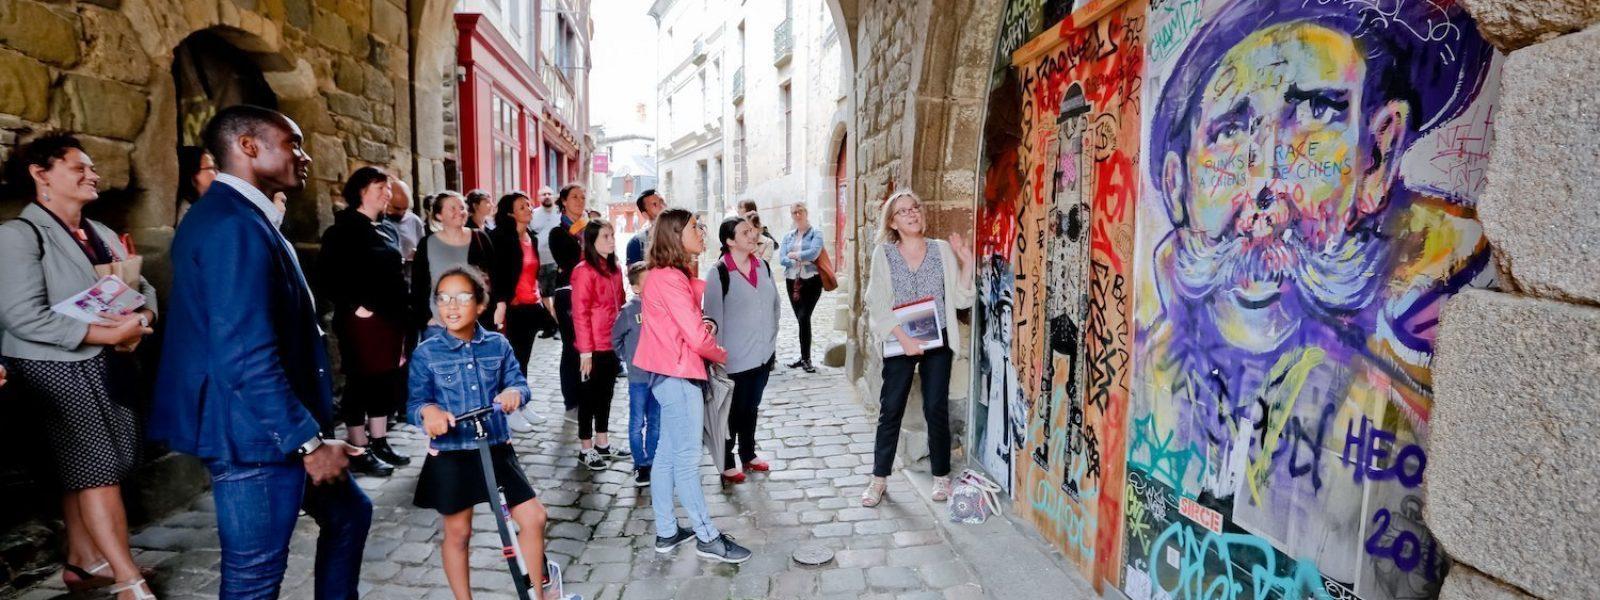 Visite guidée sur le thème du street art